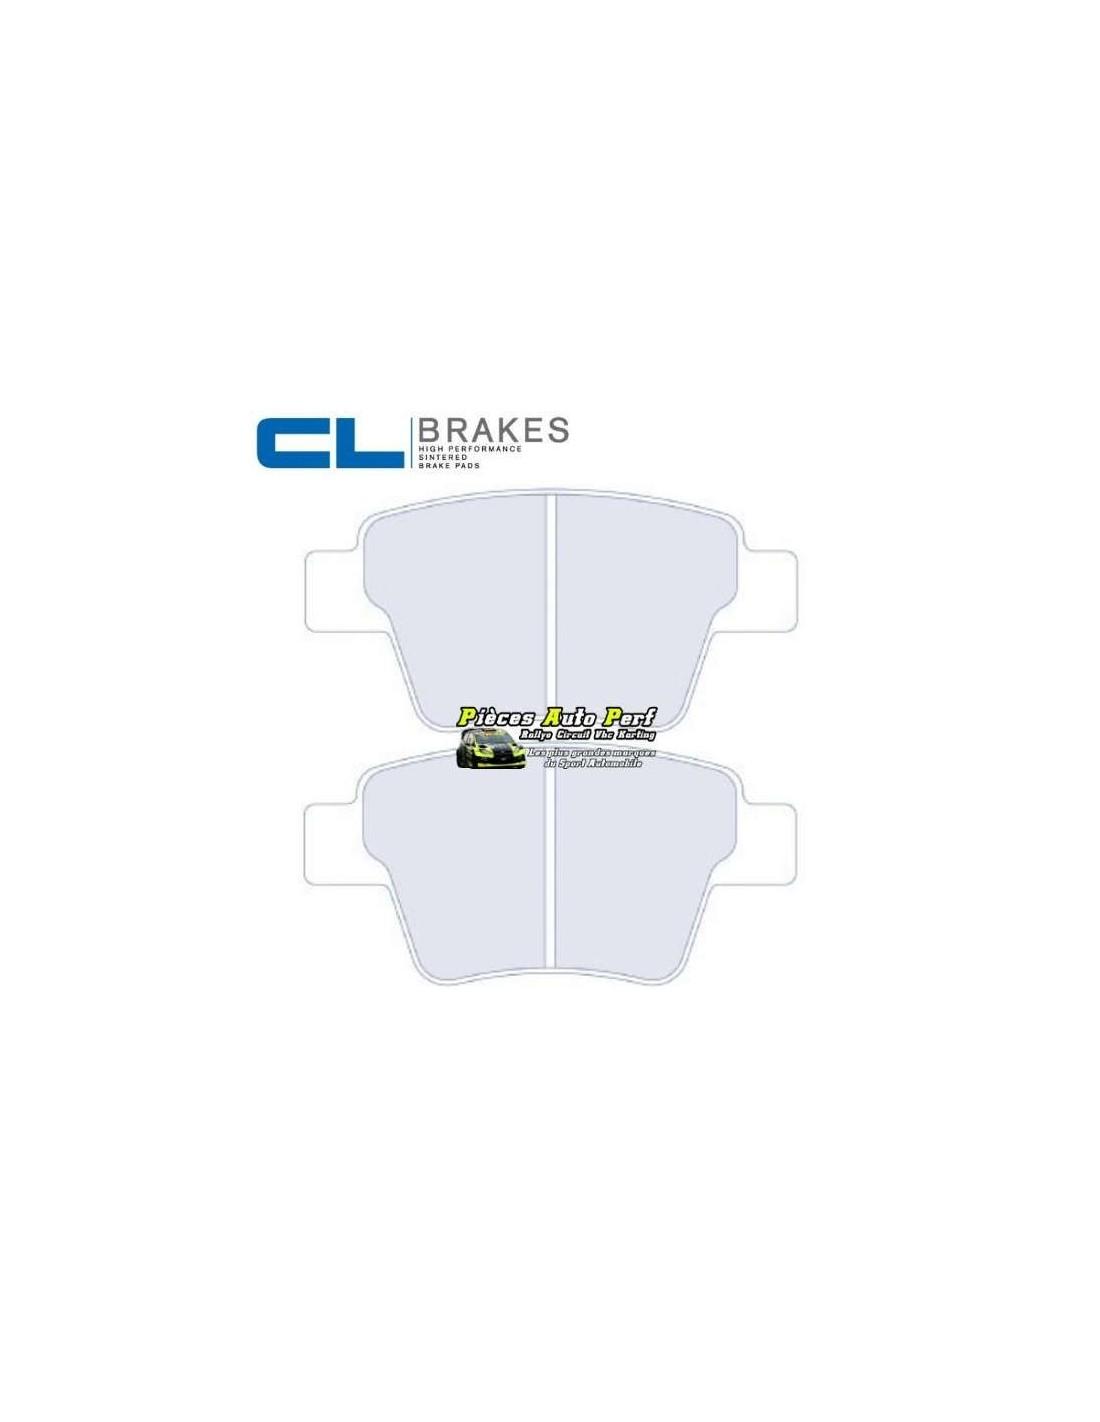 plaquettes de freins arri re cl brakes pour peugeot 207 rc. Black Bedroom Furniture Sets. Home Design Ideas